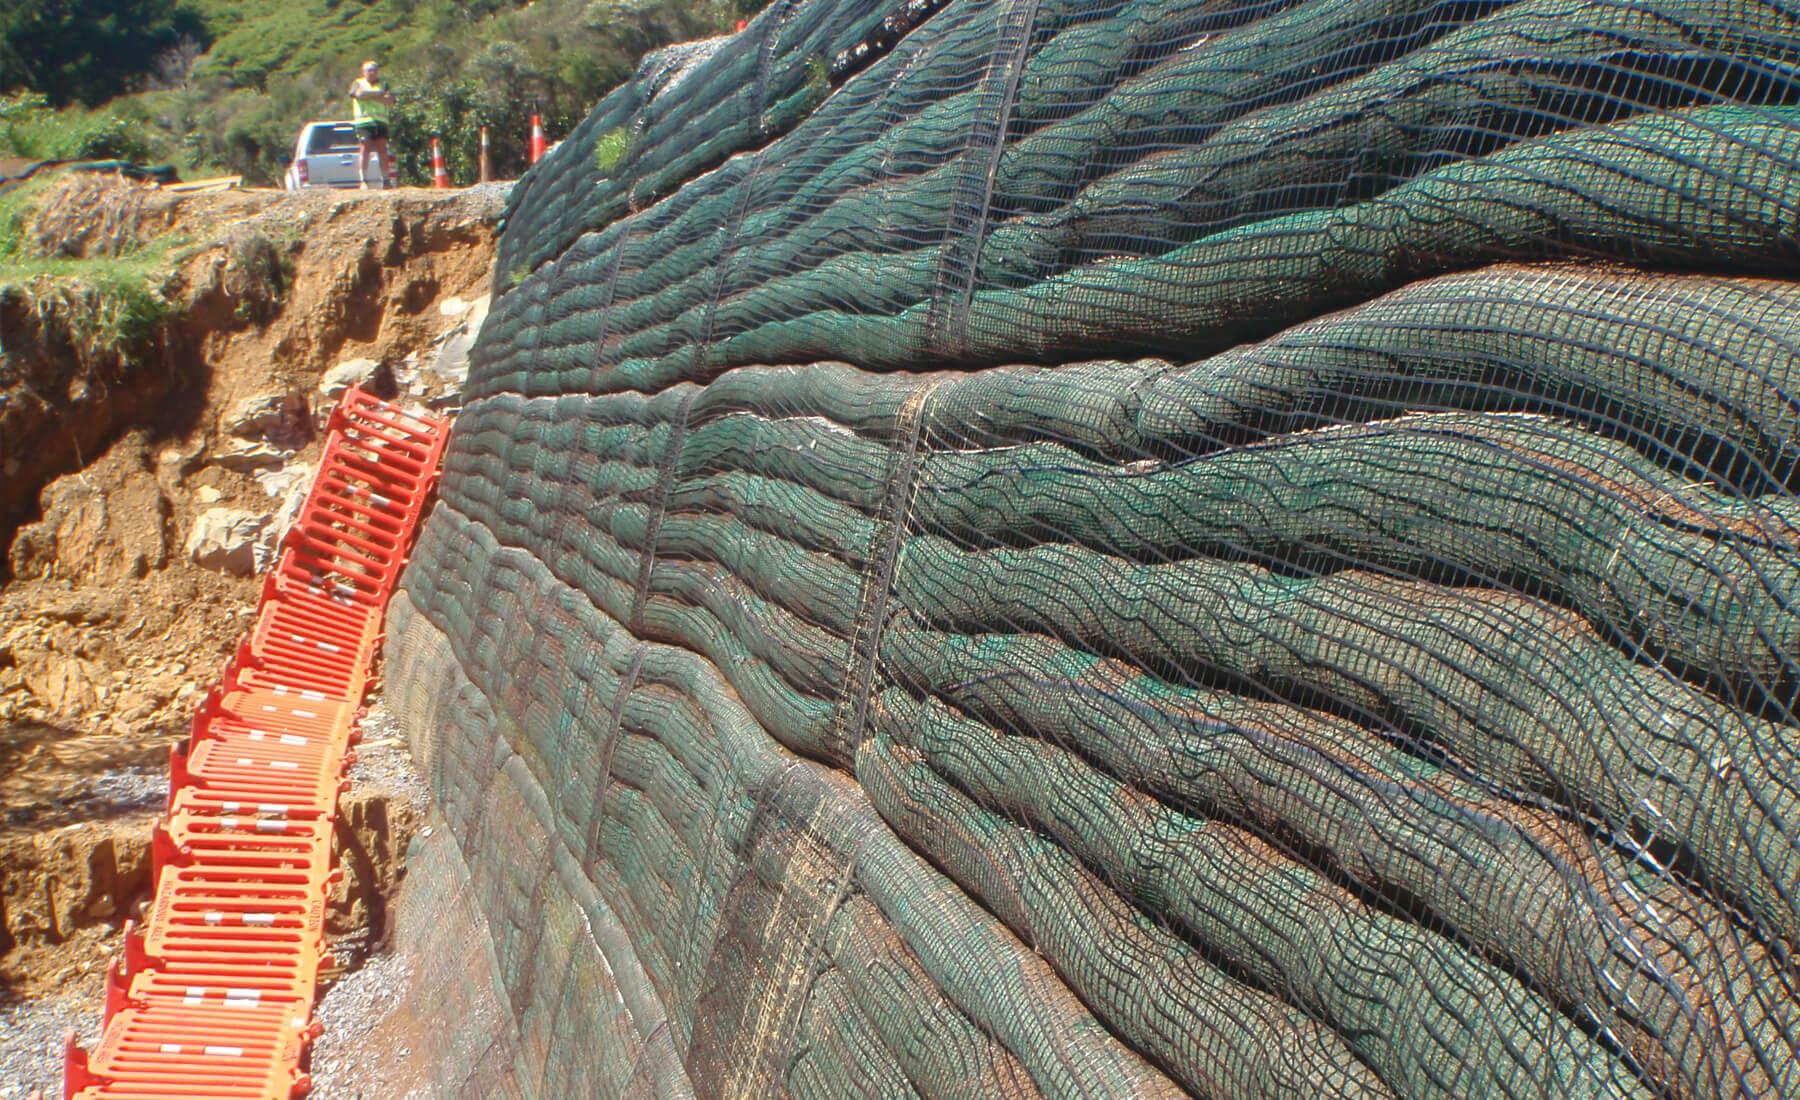 DuraGreen Soil Reinforcement